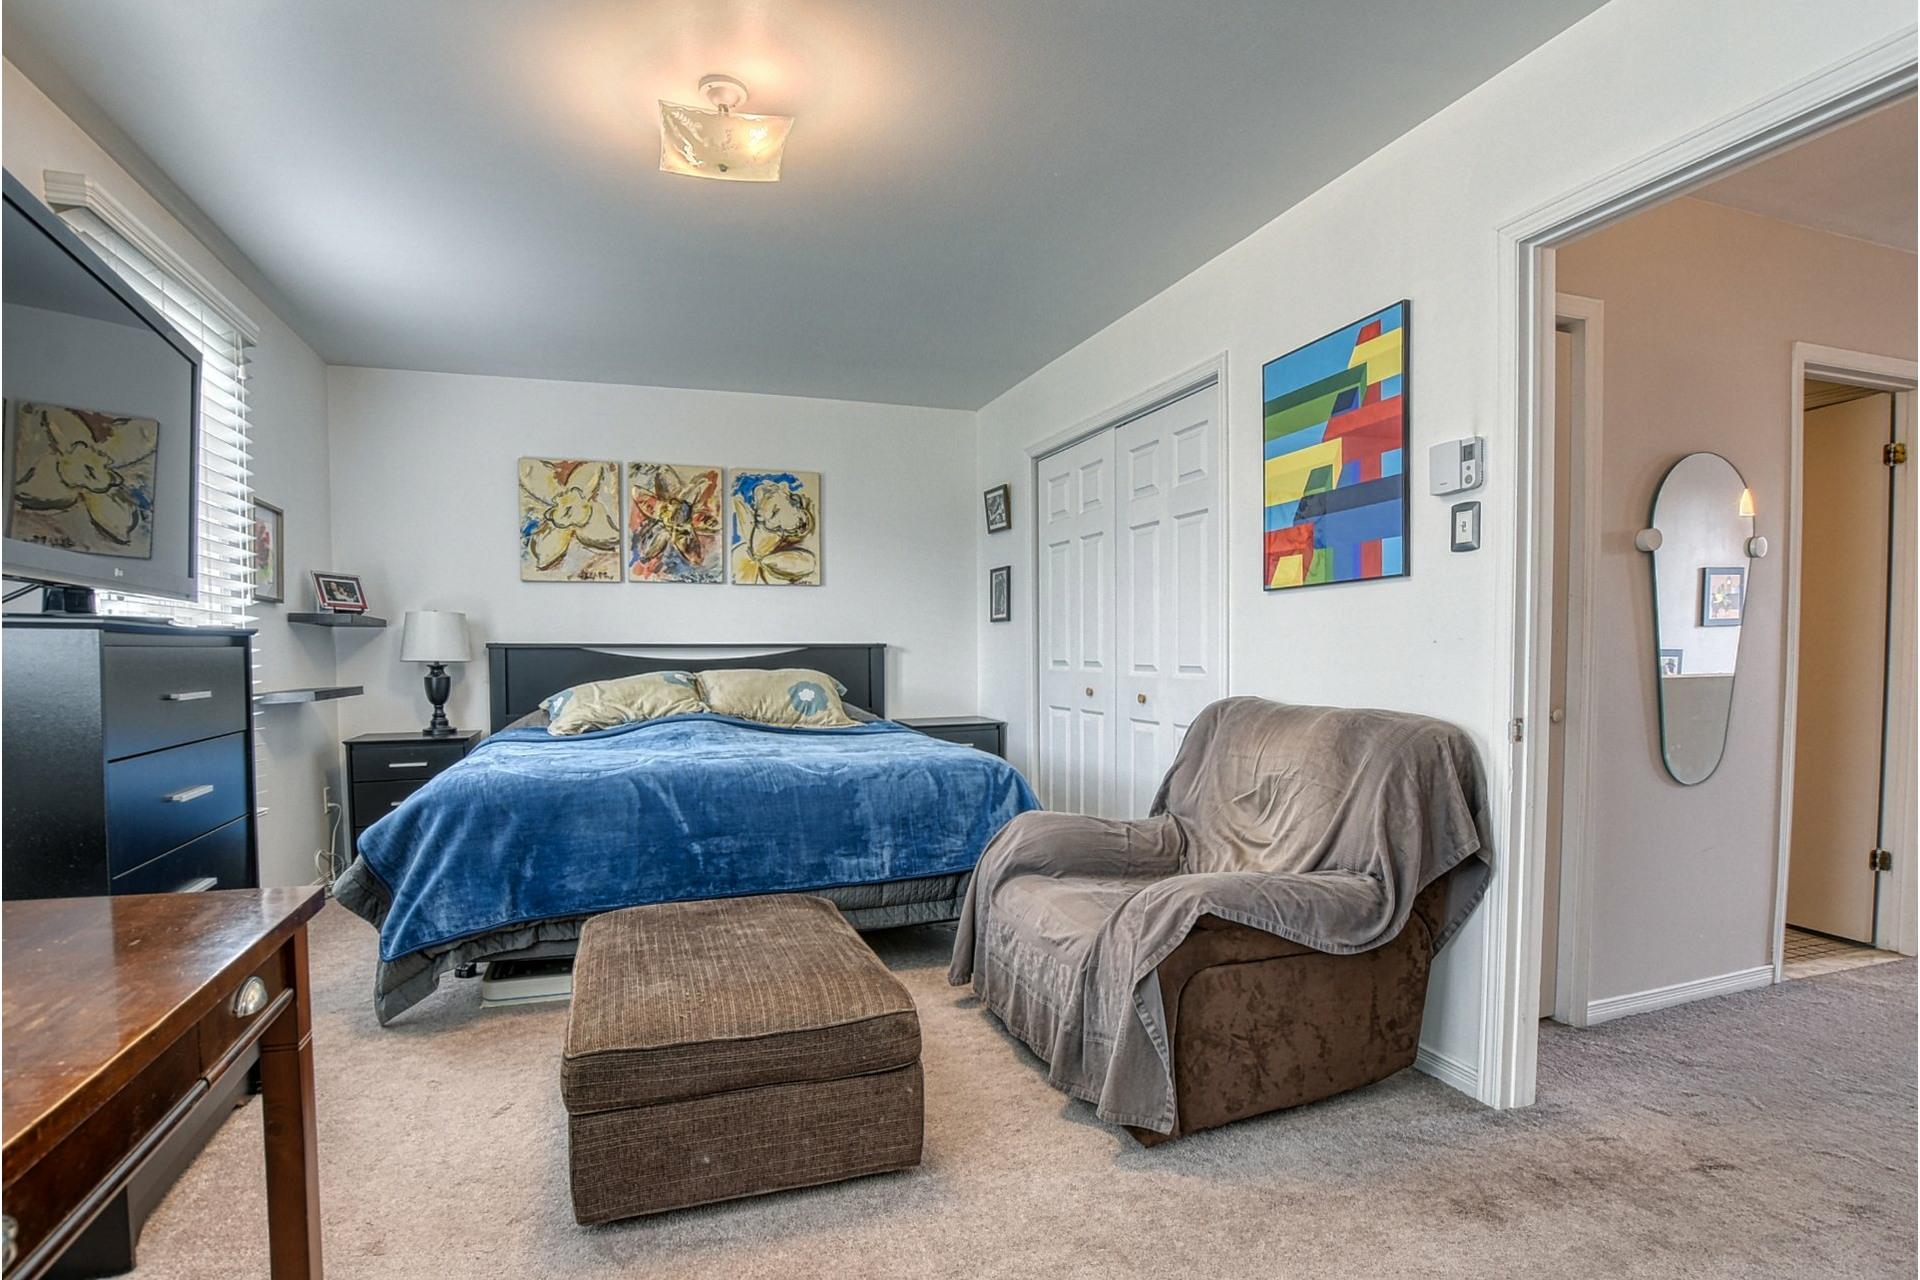 image 9 - Apartment For sale Le Plateau-Mont-Royal Montréal  - 5 rooms